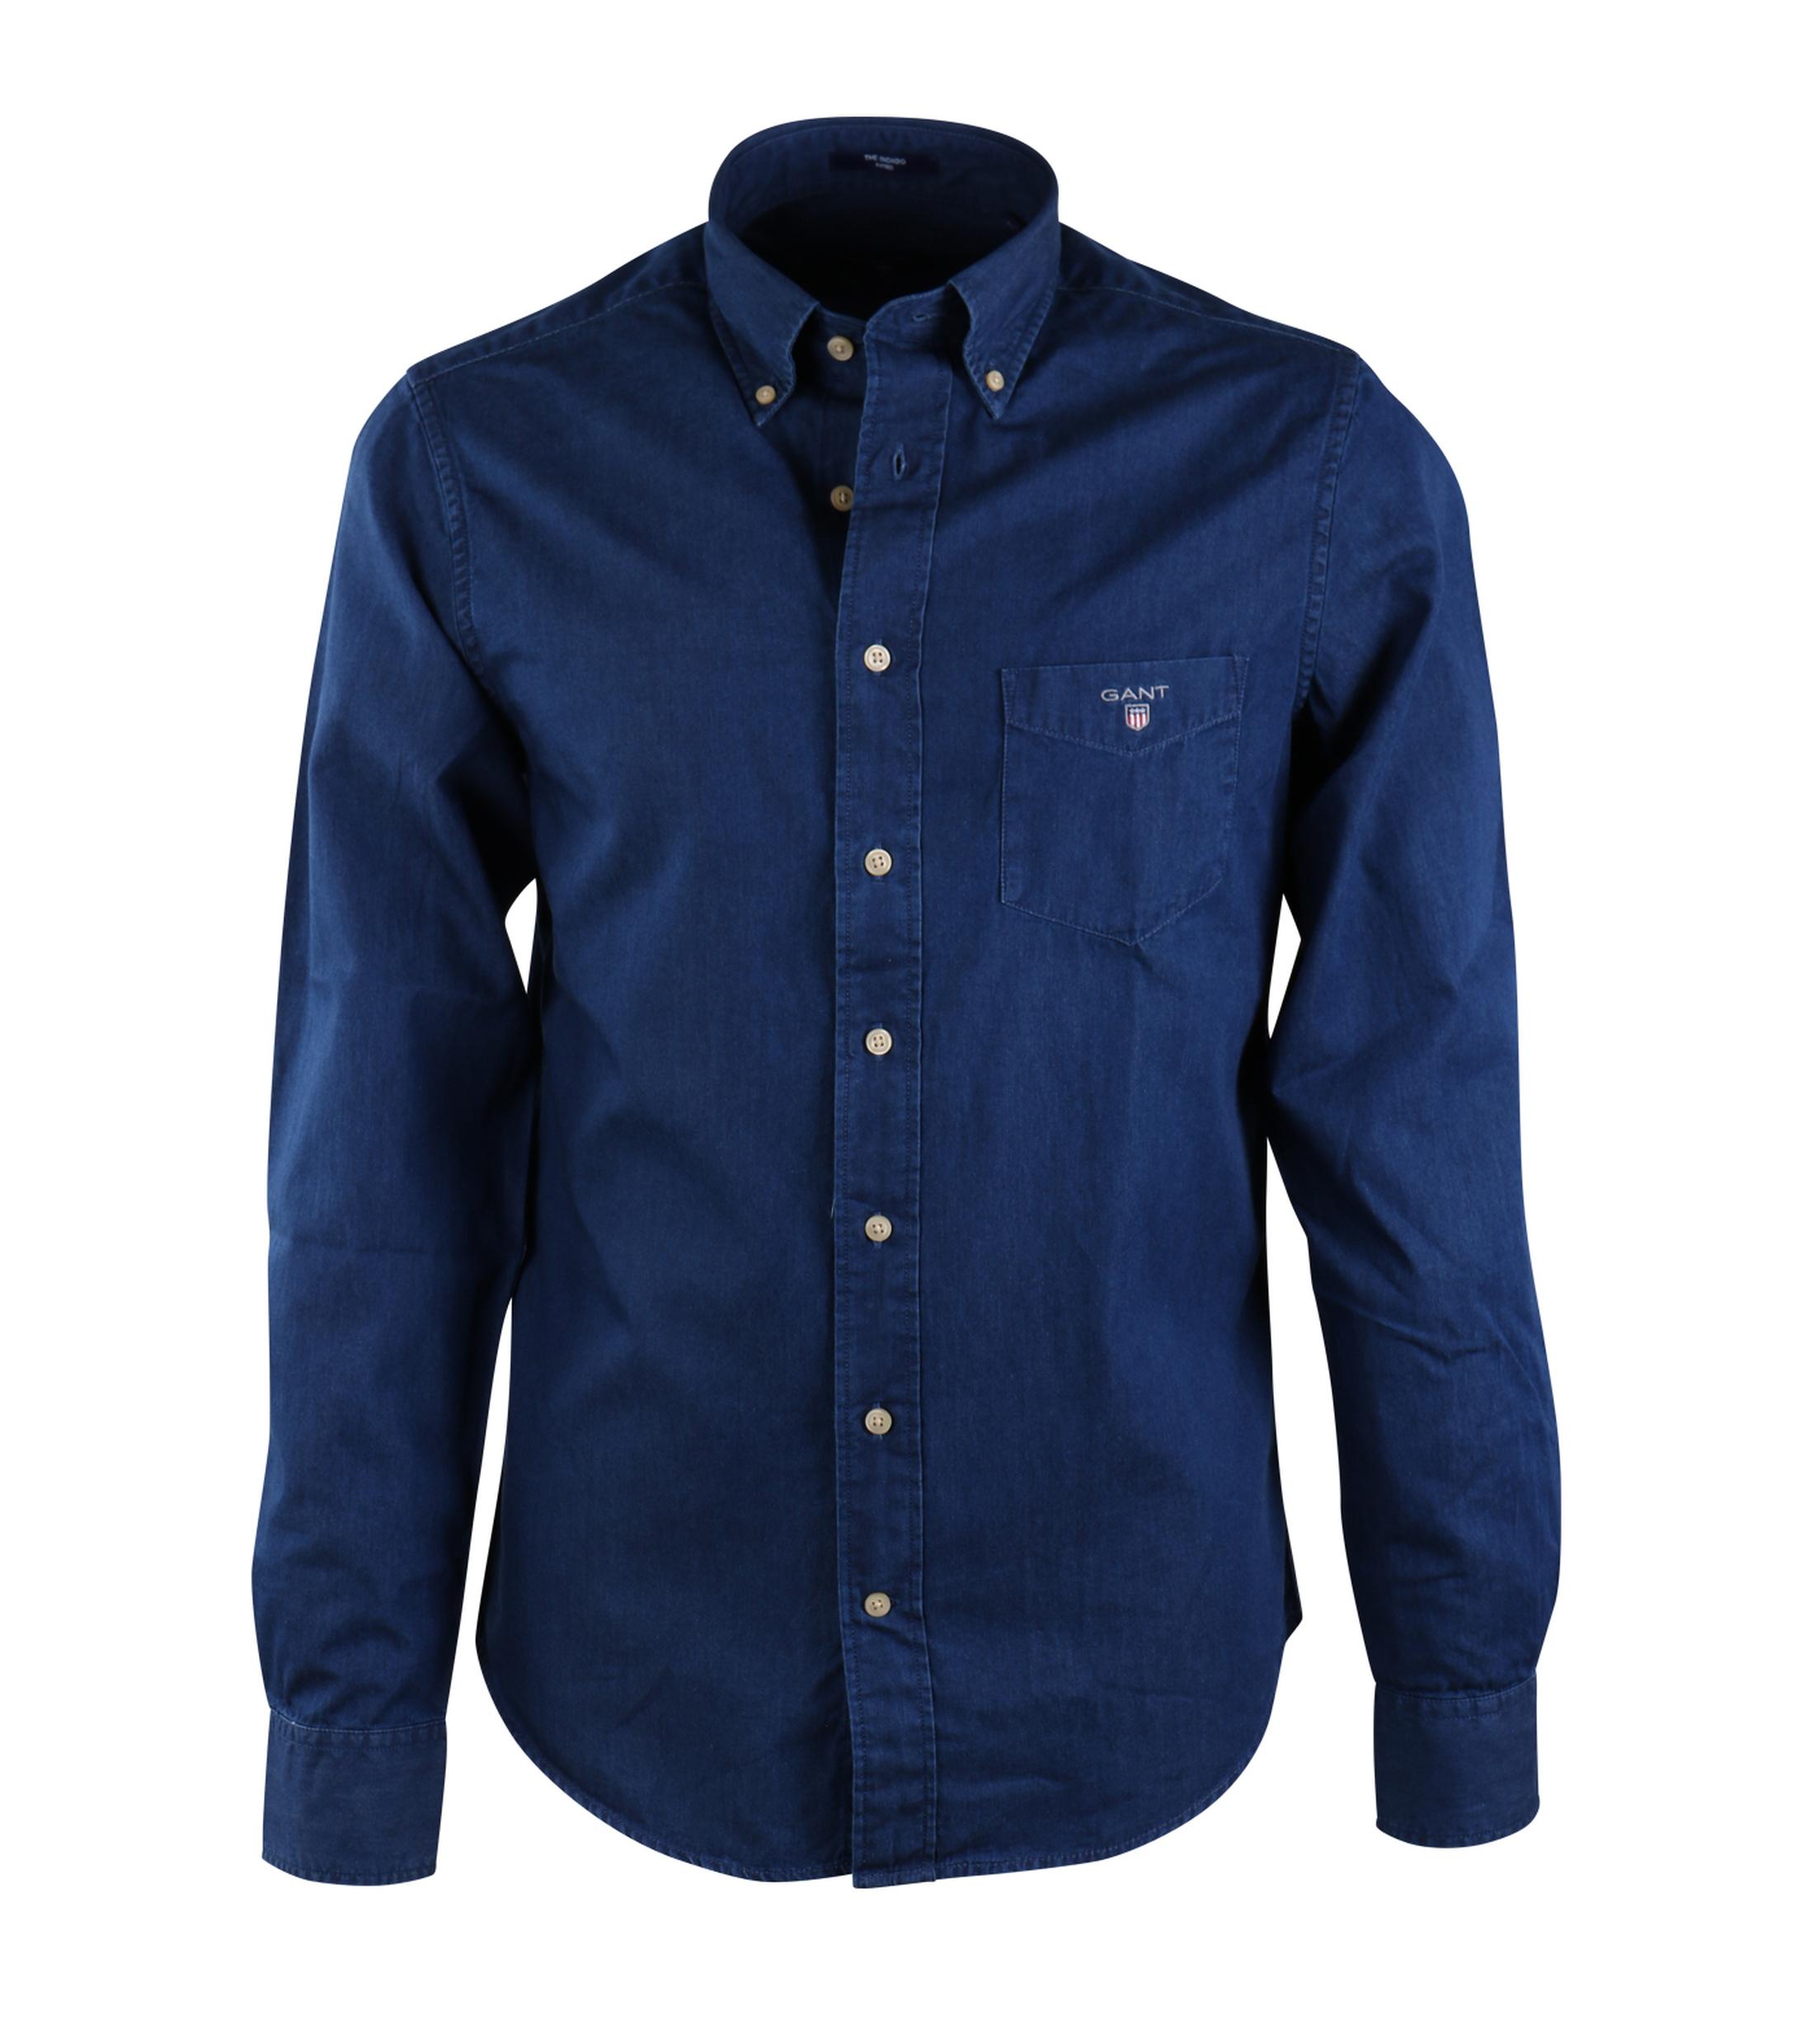 Gant overhemd dark indigo for Designhotel maastricht comfort xl